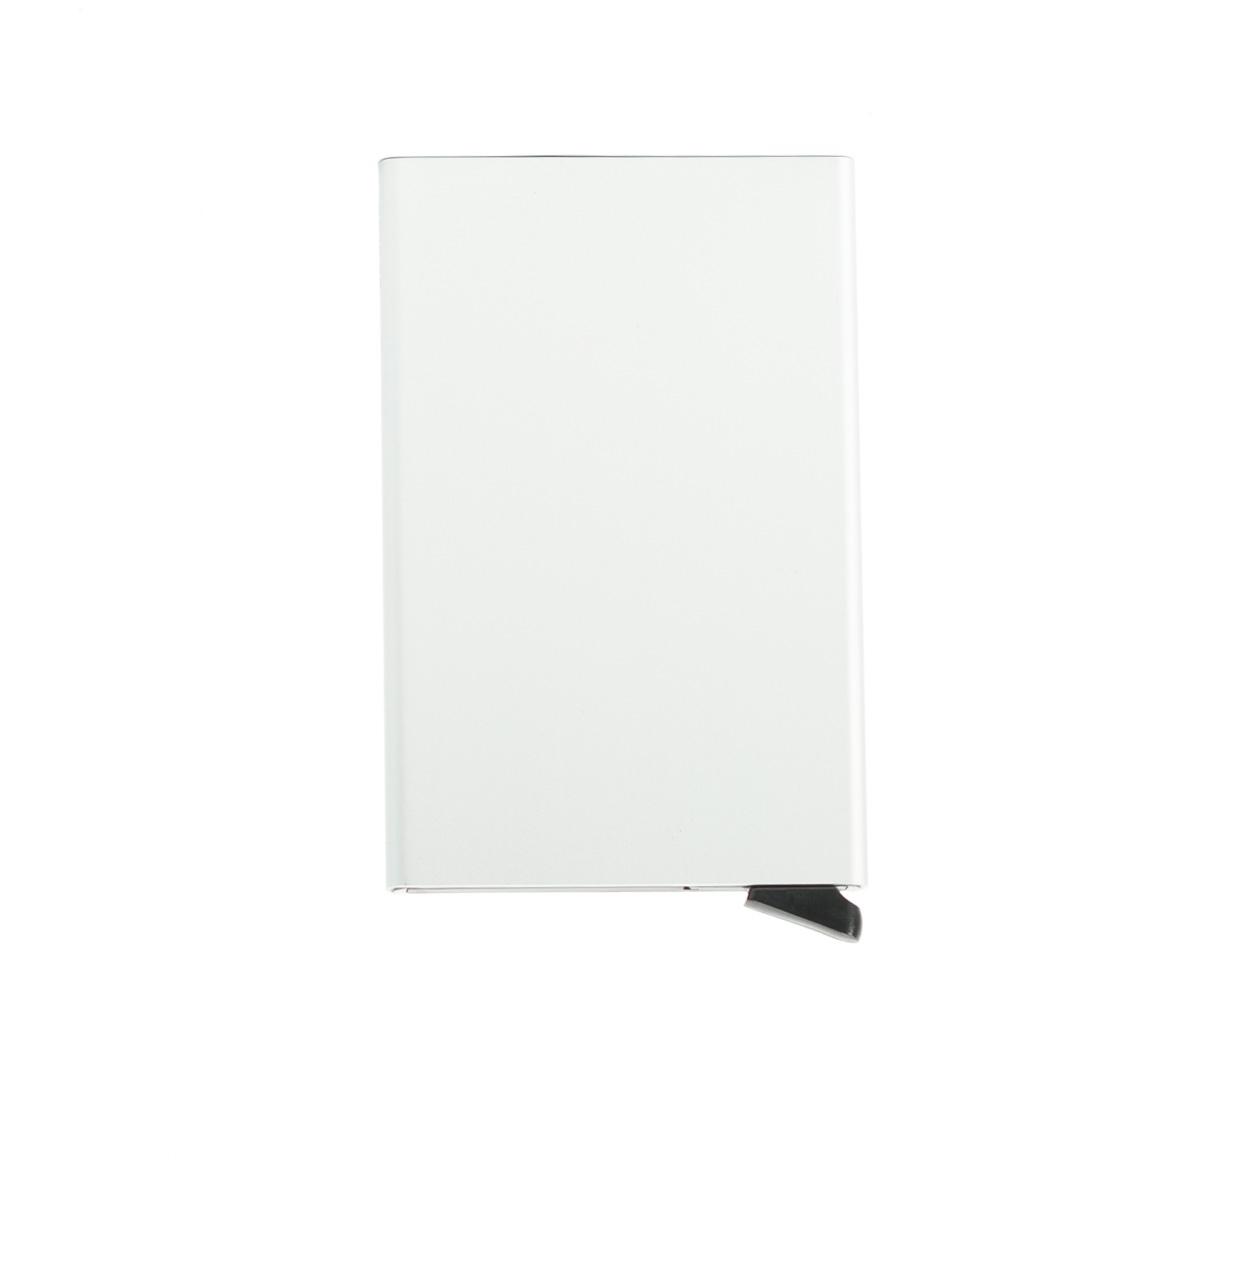 Secrid slim wallet con cardprotector de aluminio ultrafino, color aluminio.